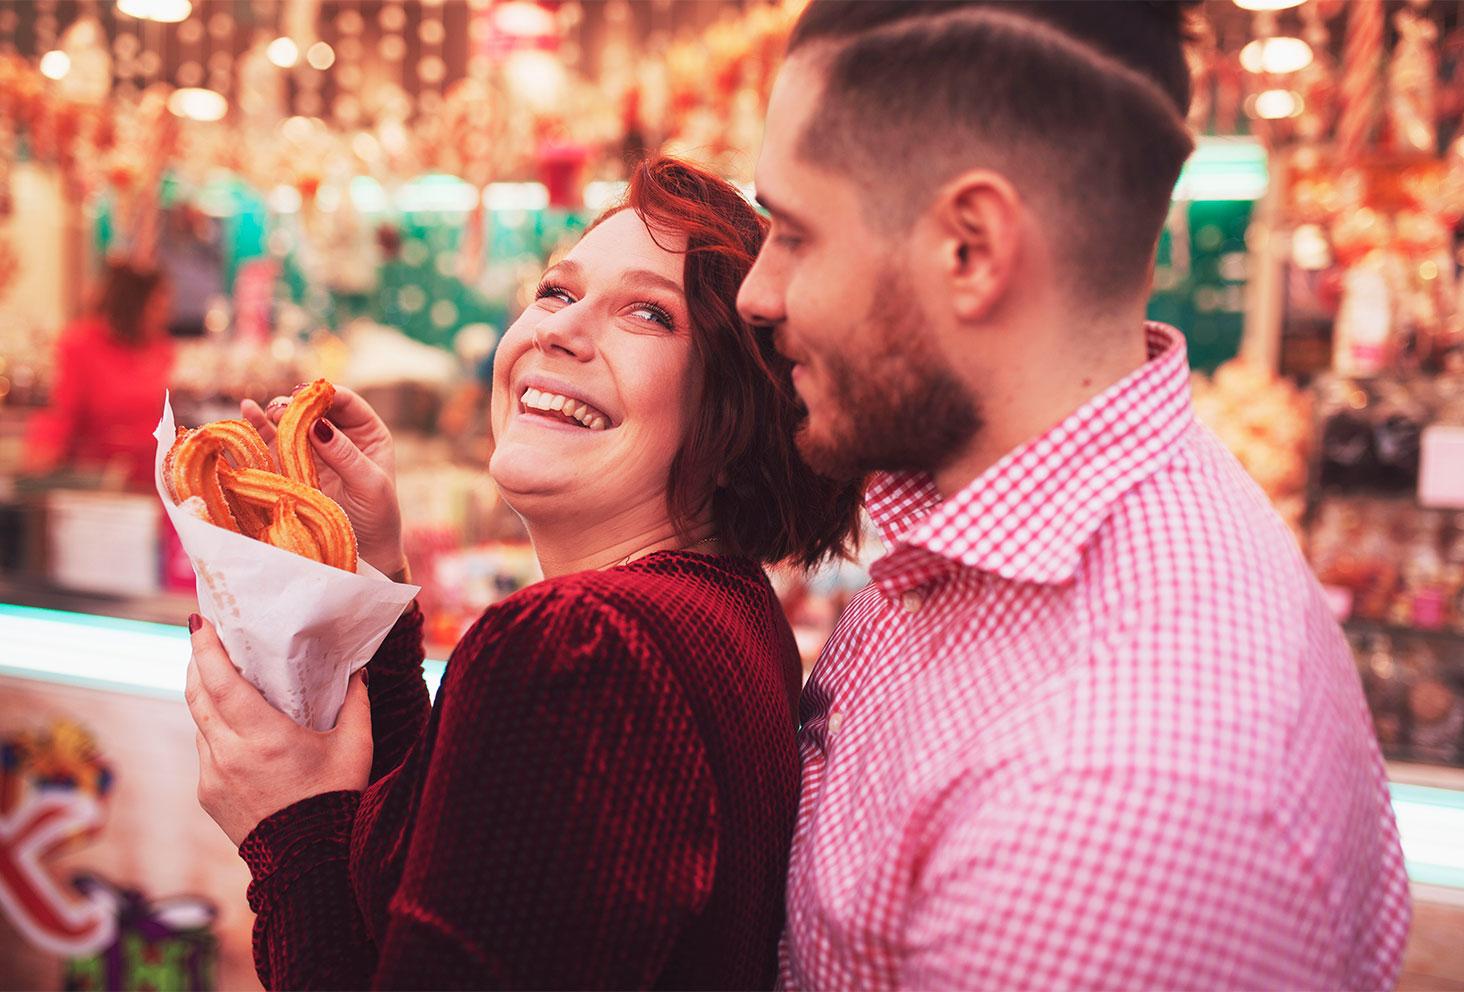 Shooting devant le camion de friandises sur le marché de Noël en amoureux, avec le sourire en tenues de fête, un cornet de chichis à la main